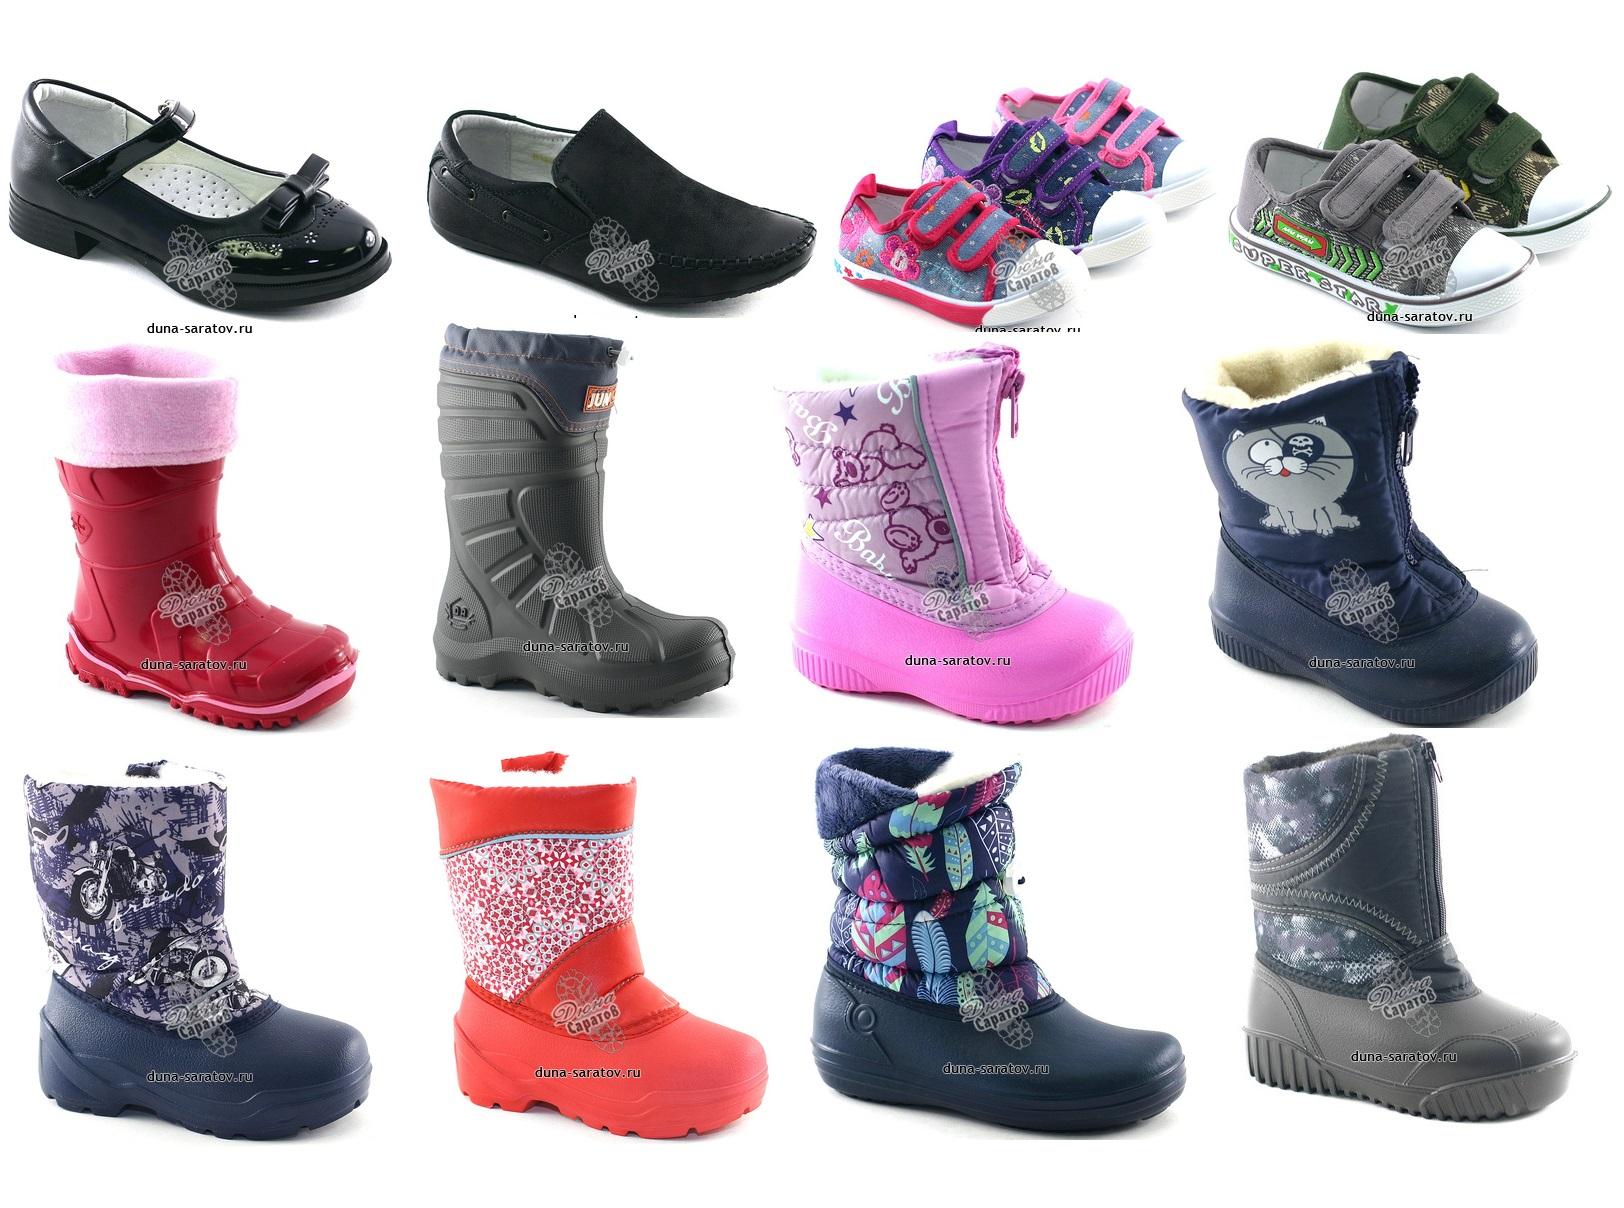 Потенциальный пристрой! Большой выбор школьной обуви и моделей осень-зима... РАЗДАЧИ 29.08...